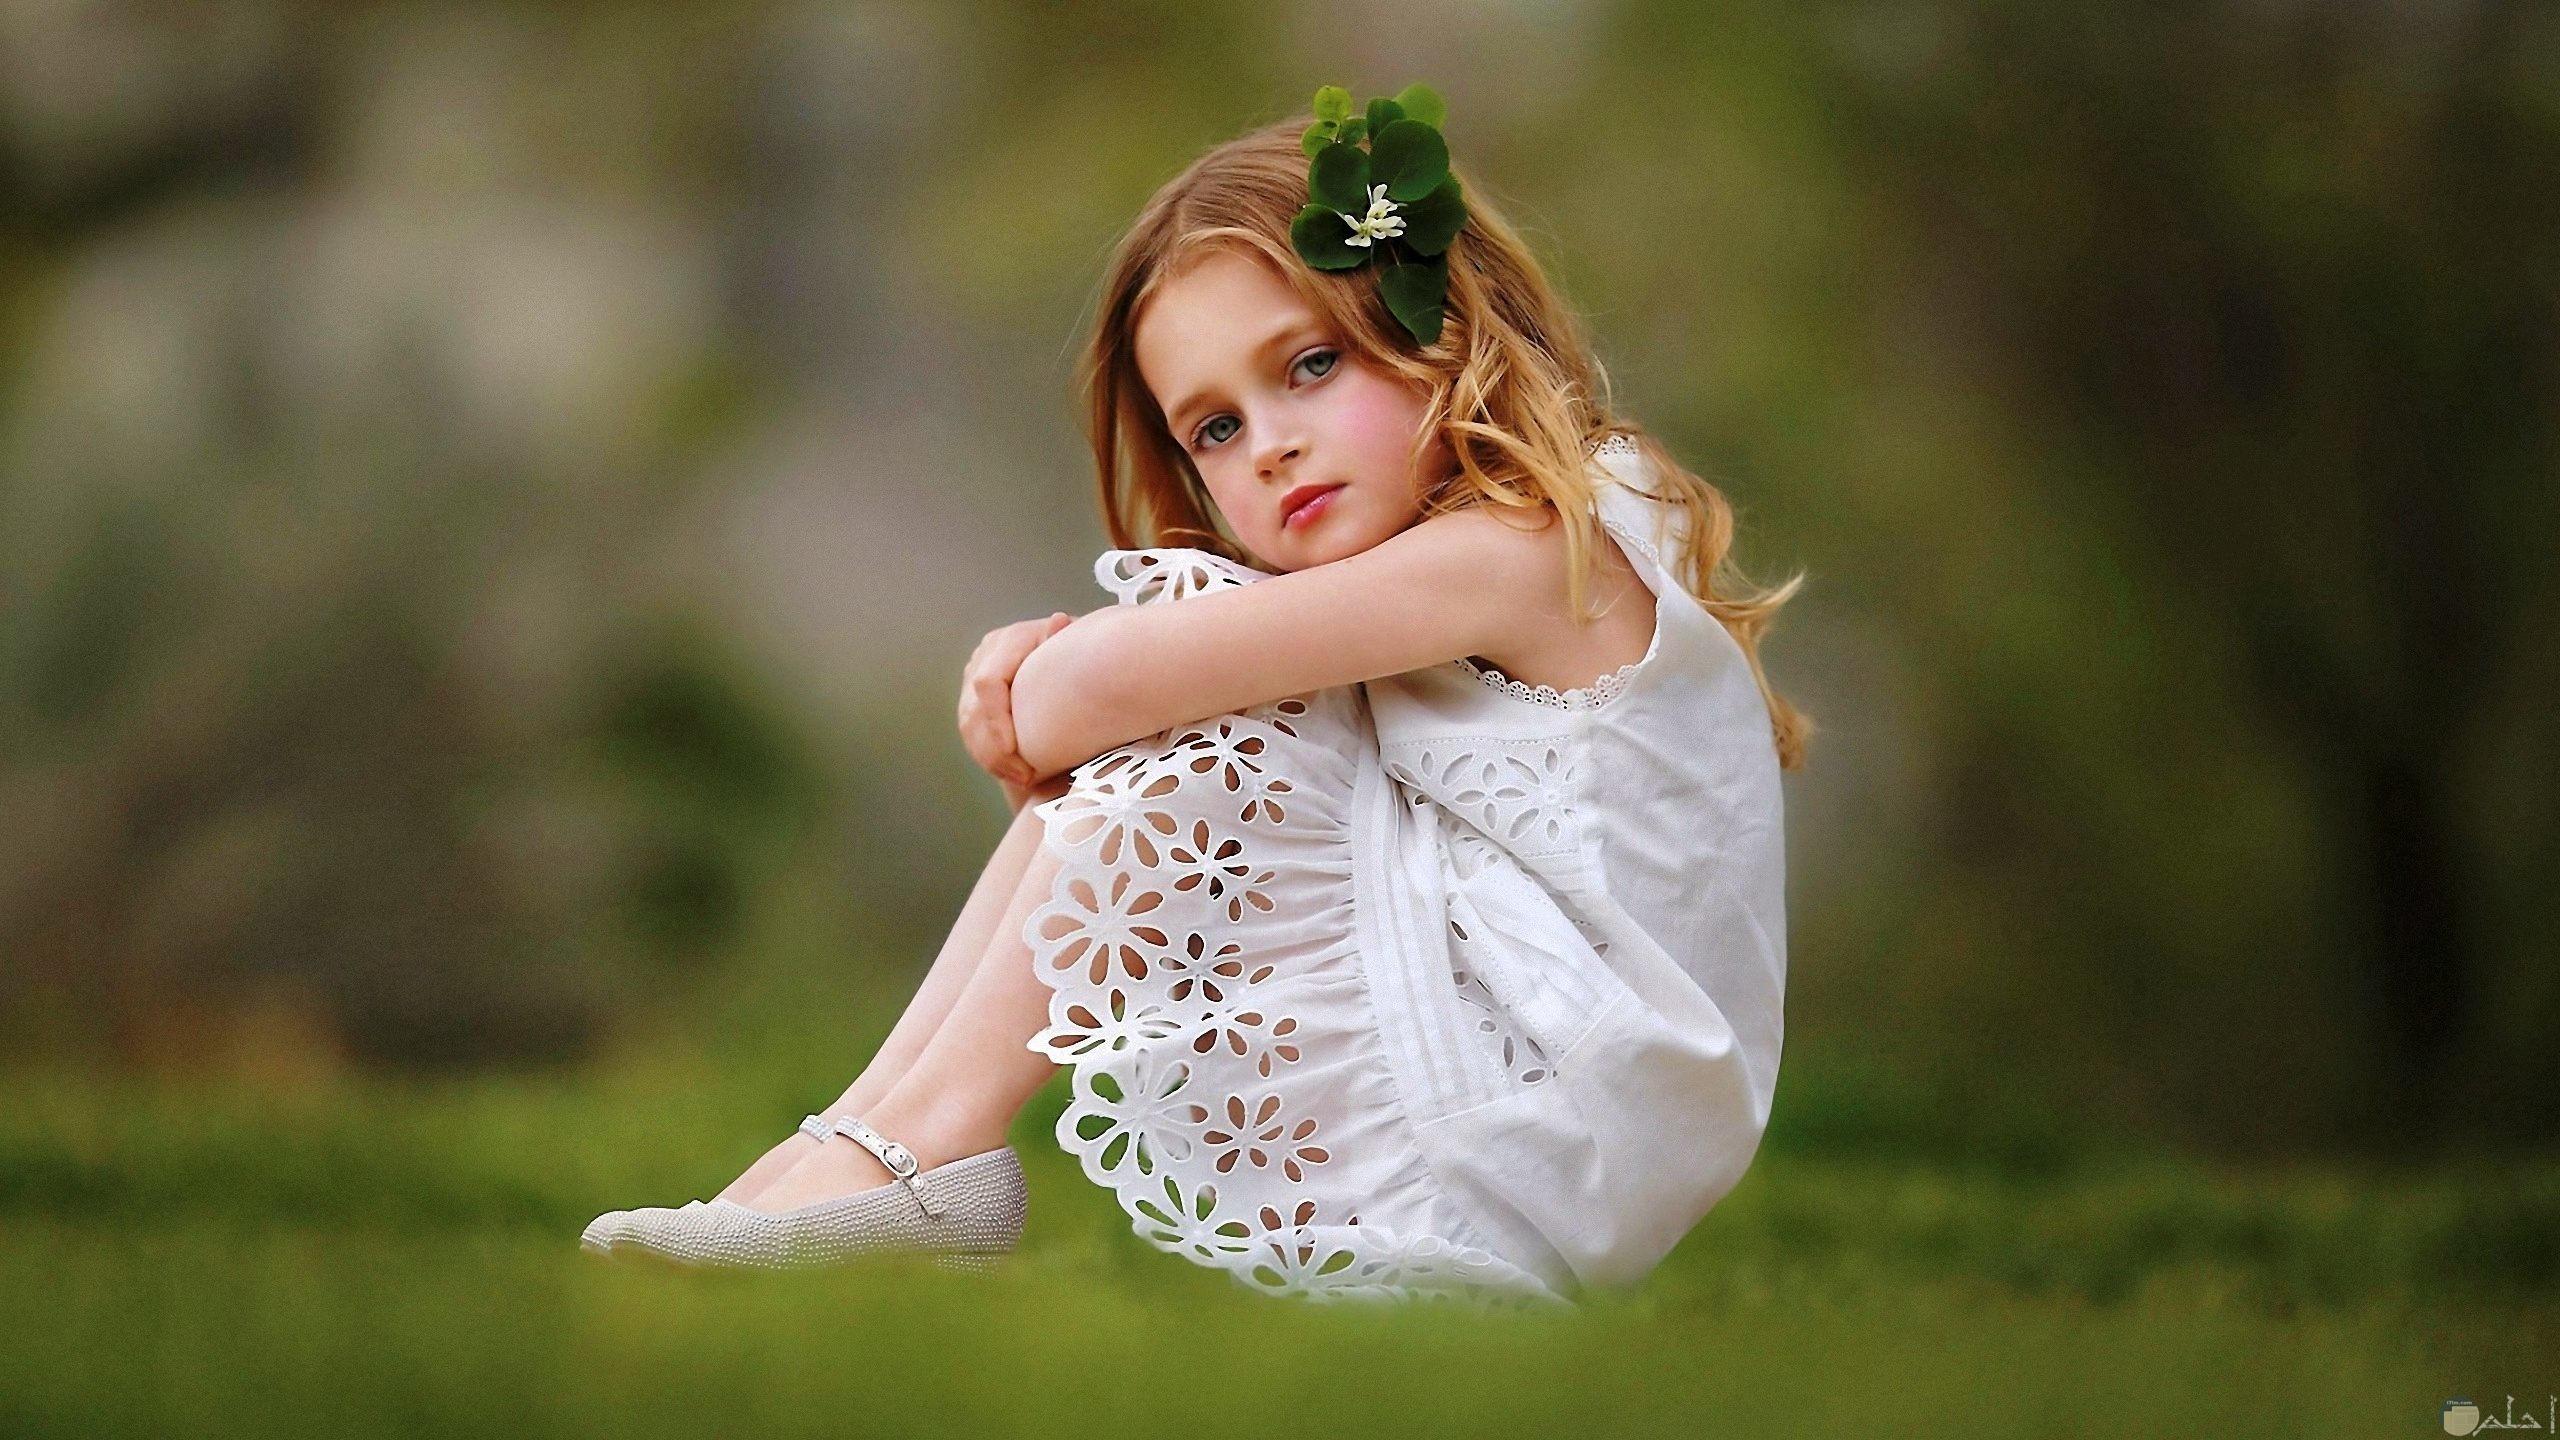 بنت بفستان أبيض جميل.